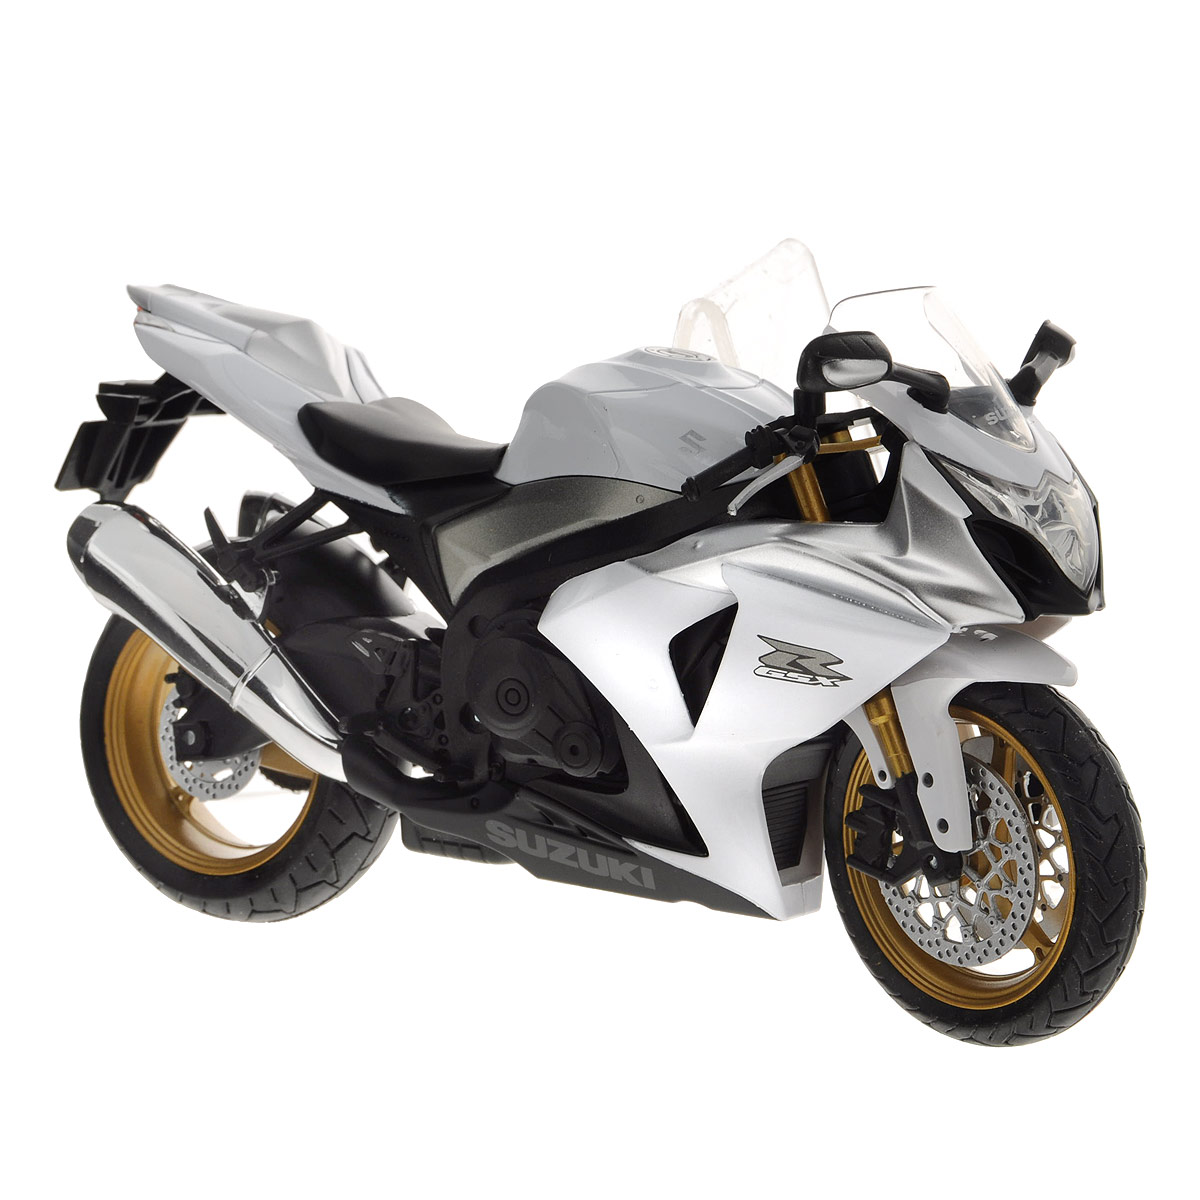 """Коллекционная модель Autotime """"Мотоцикл Suzuki GSX-R1000"""" представляет собой точную копию мотоцикла Suzuki GSX-R1000. Модель имеет металлический корпус с элементами из пластика. Колеса и руль игрушки вращаются. Мотоциклы серии """"ELITE"""" - это детализация высшего уровня, проработка мельчайших деталей, отличная прокраска как мелких, так и крупных элементов. Большой масштаб (1:12), и высокотехнологичное оборудование, позволяют передать все тонкости и нюансы настоящего мотоцикла - тормозные диски, выхлопную систему, рабочий амортизатор с пружиной и многое другое. По уровню исполнения эти модели по праву называются """"элитными"""". Такая модель придется по вкусу как детям, так и взрослым коллекционерам. Великолепное качество исполнения сделает ее не только увлекательной игрушкой, но и достойной частью коллекции."""